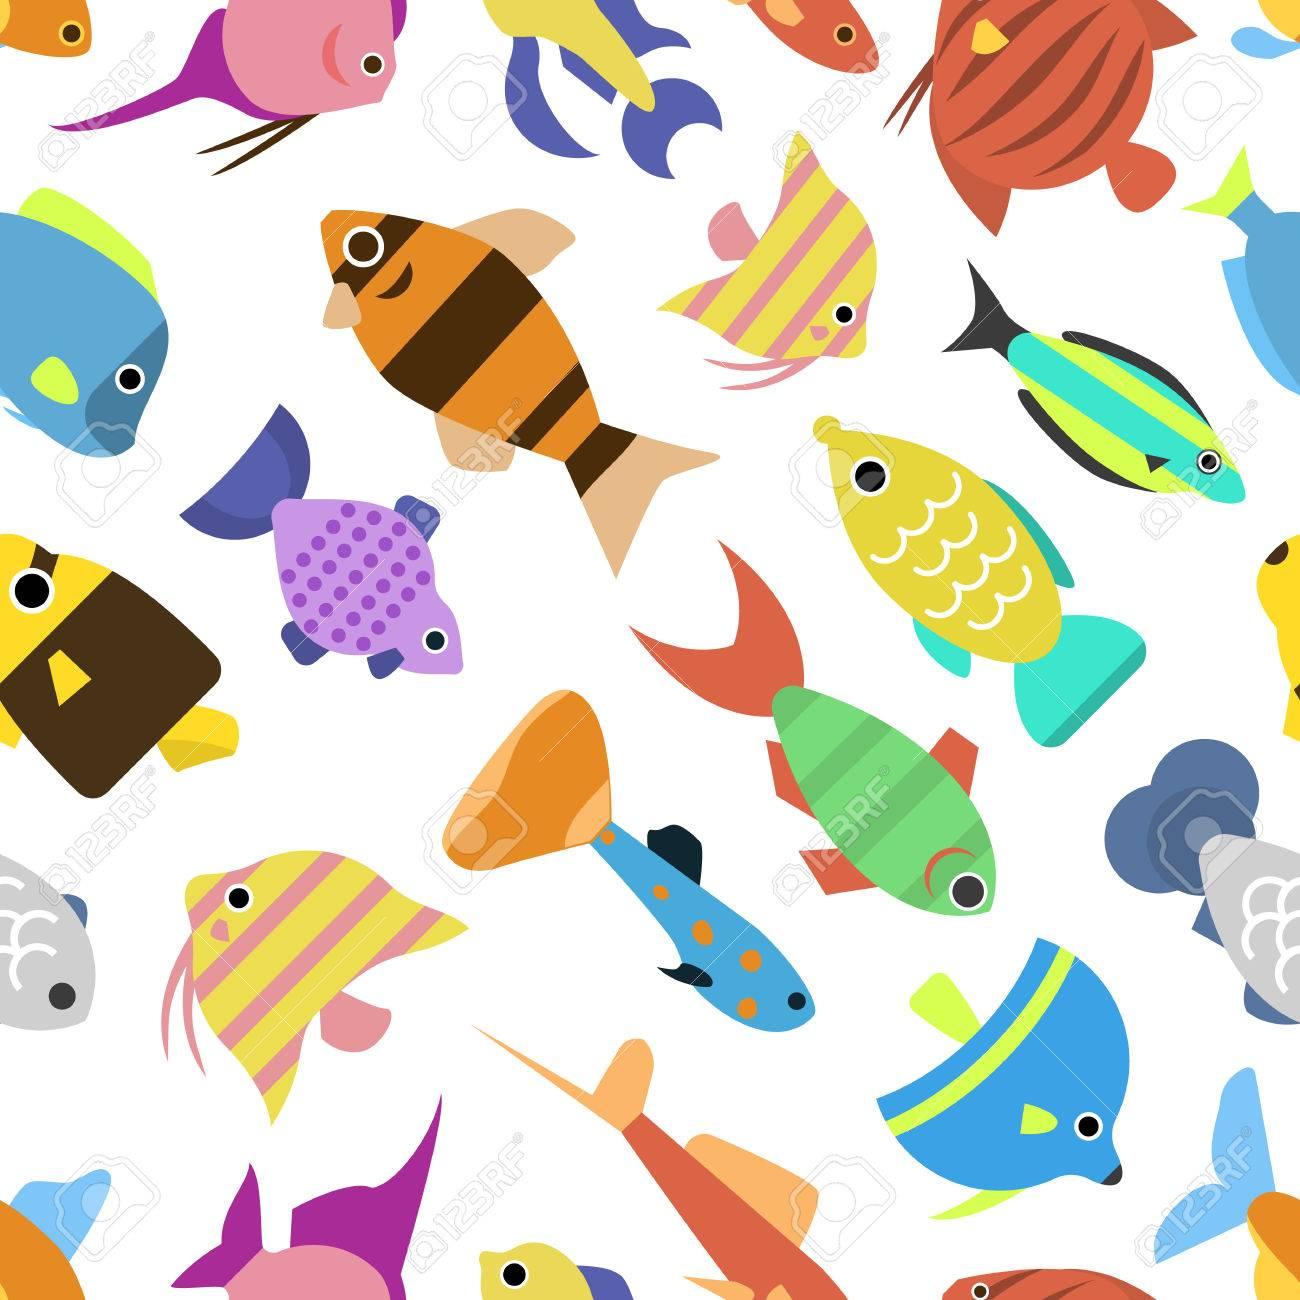 かわいい魚のイラスト アイコン シームレス パターンをベクトルします